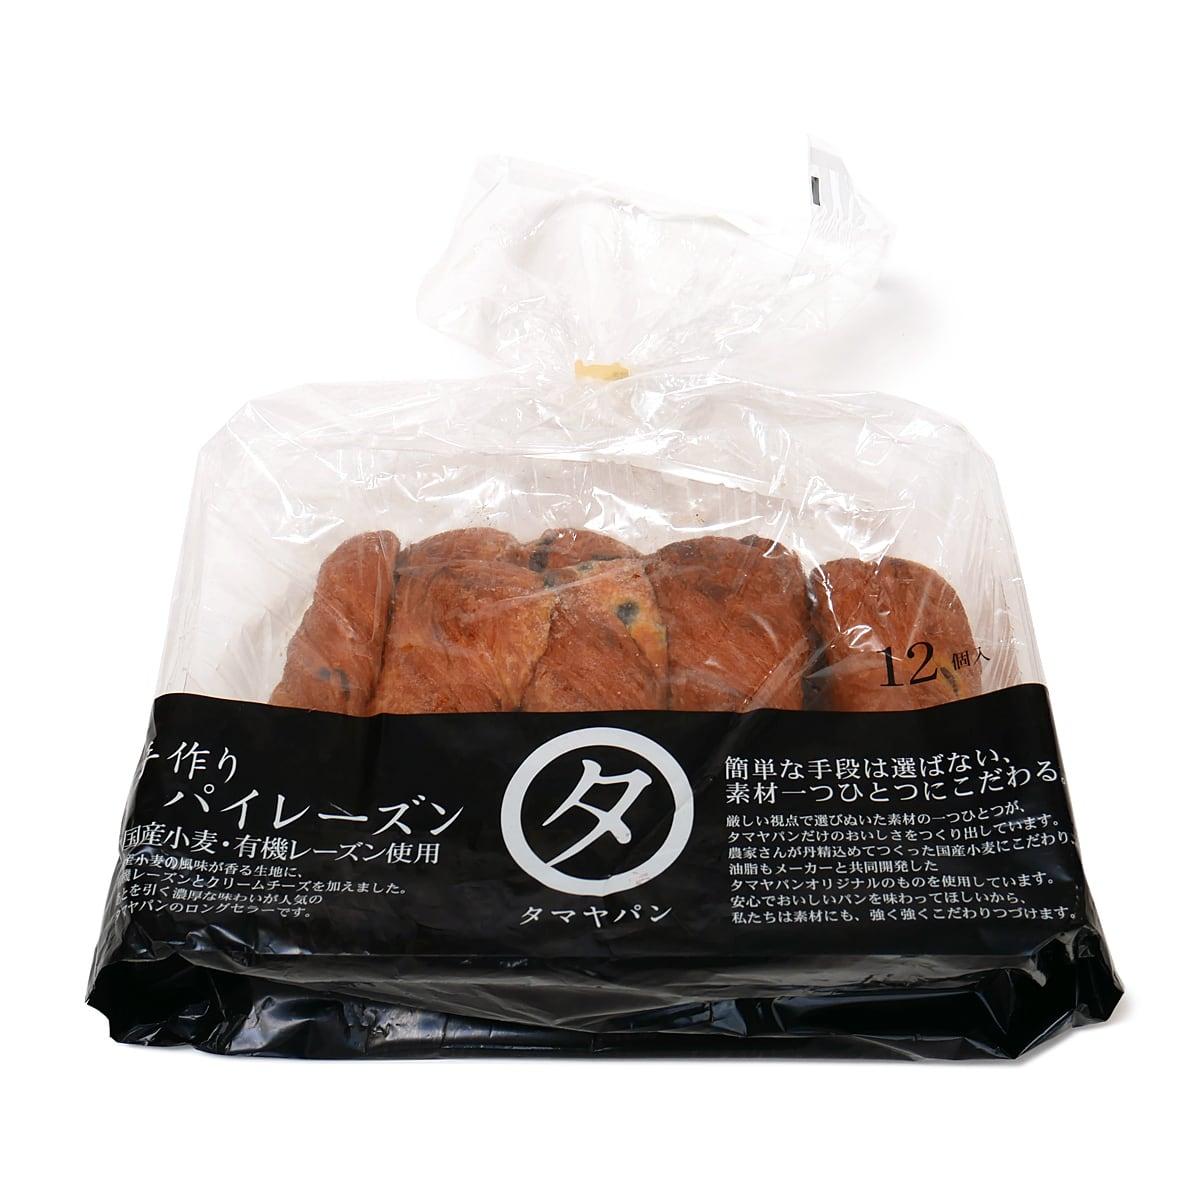 タマヤパン 手作りパイレーズン 12個入り